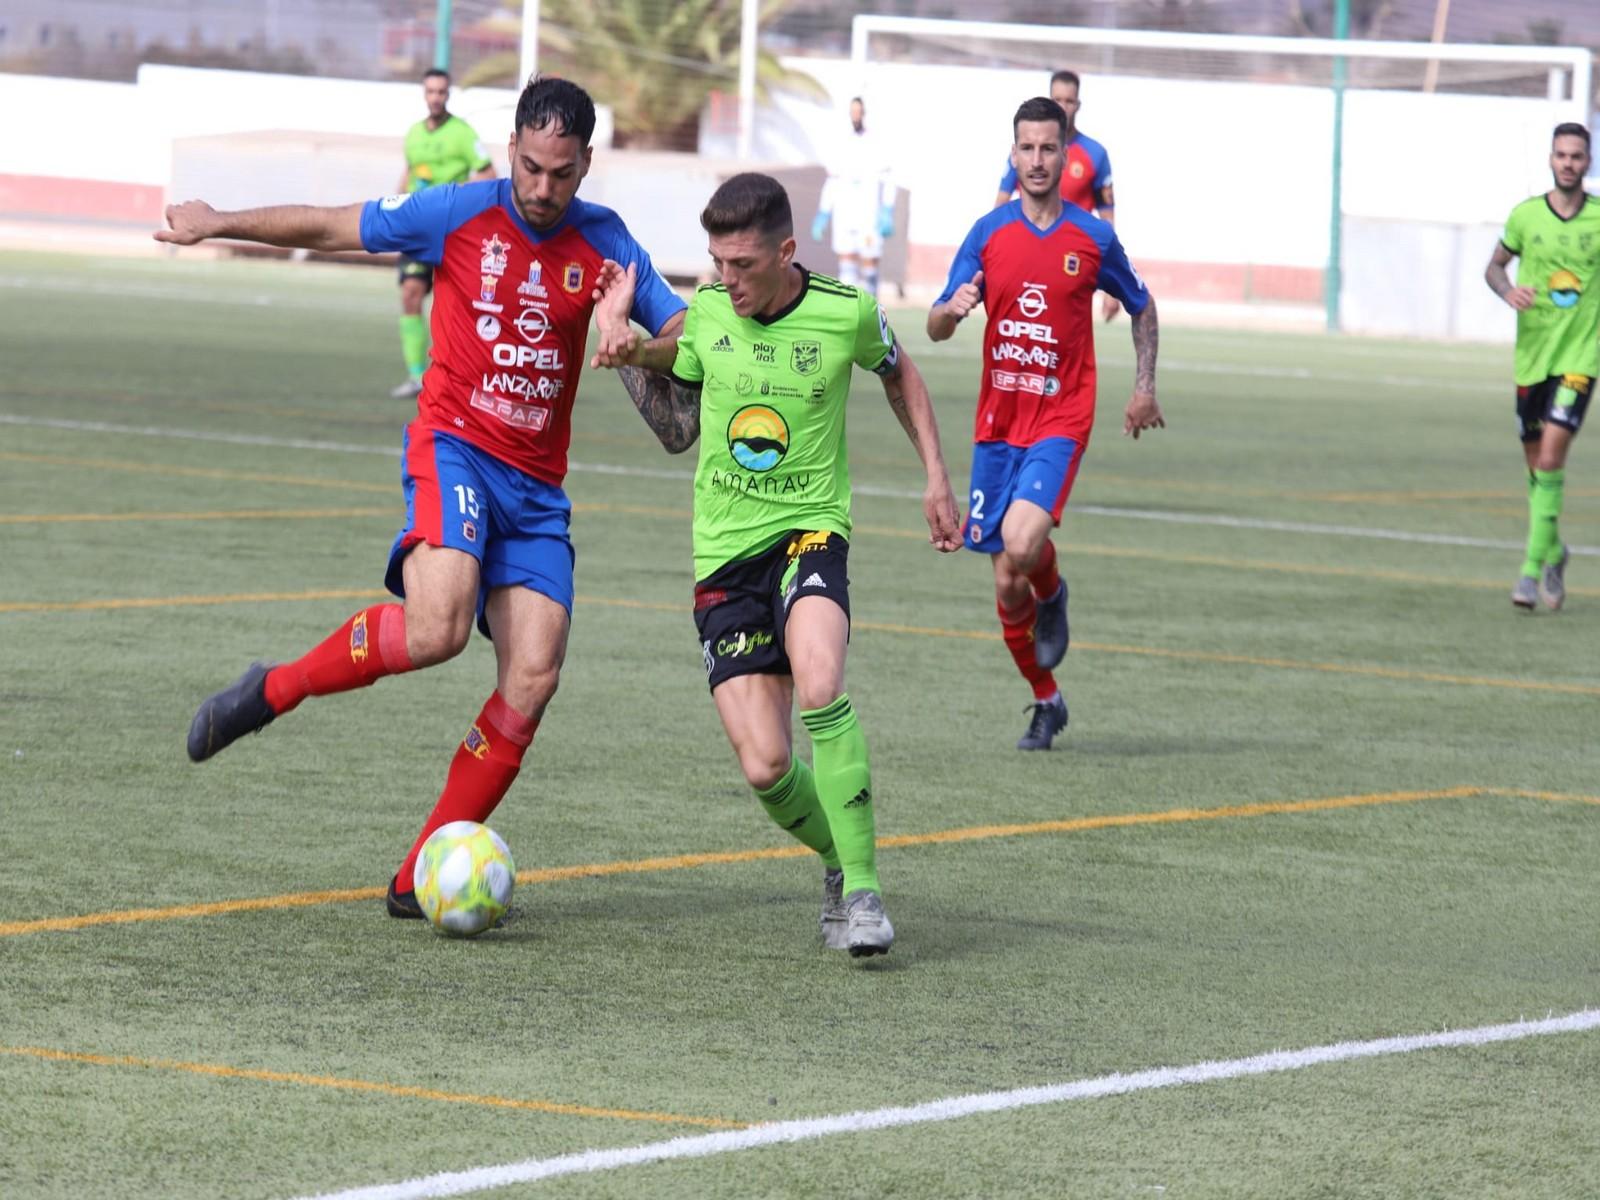 Derrota por la mínima de la UD Lanzarote ante la UD Gran Tarajal (1-0)